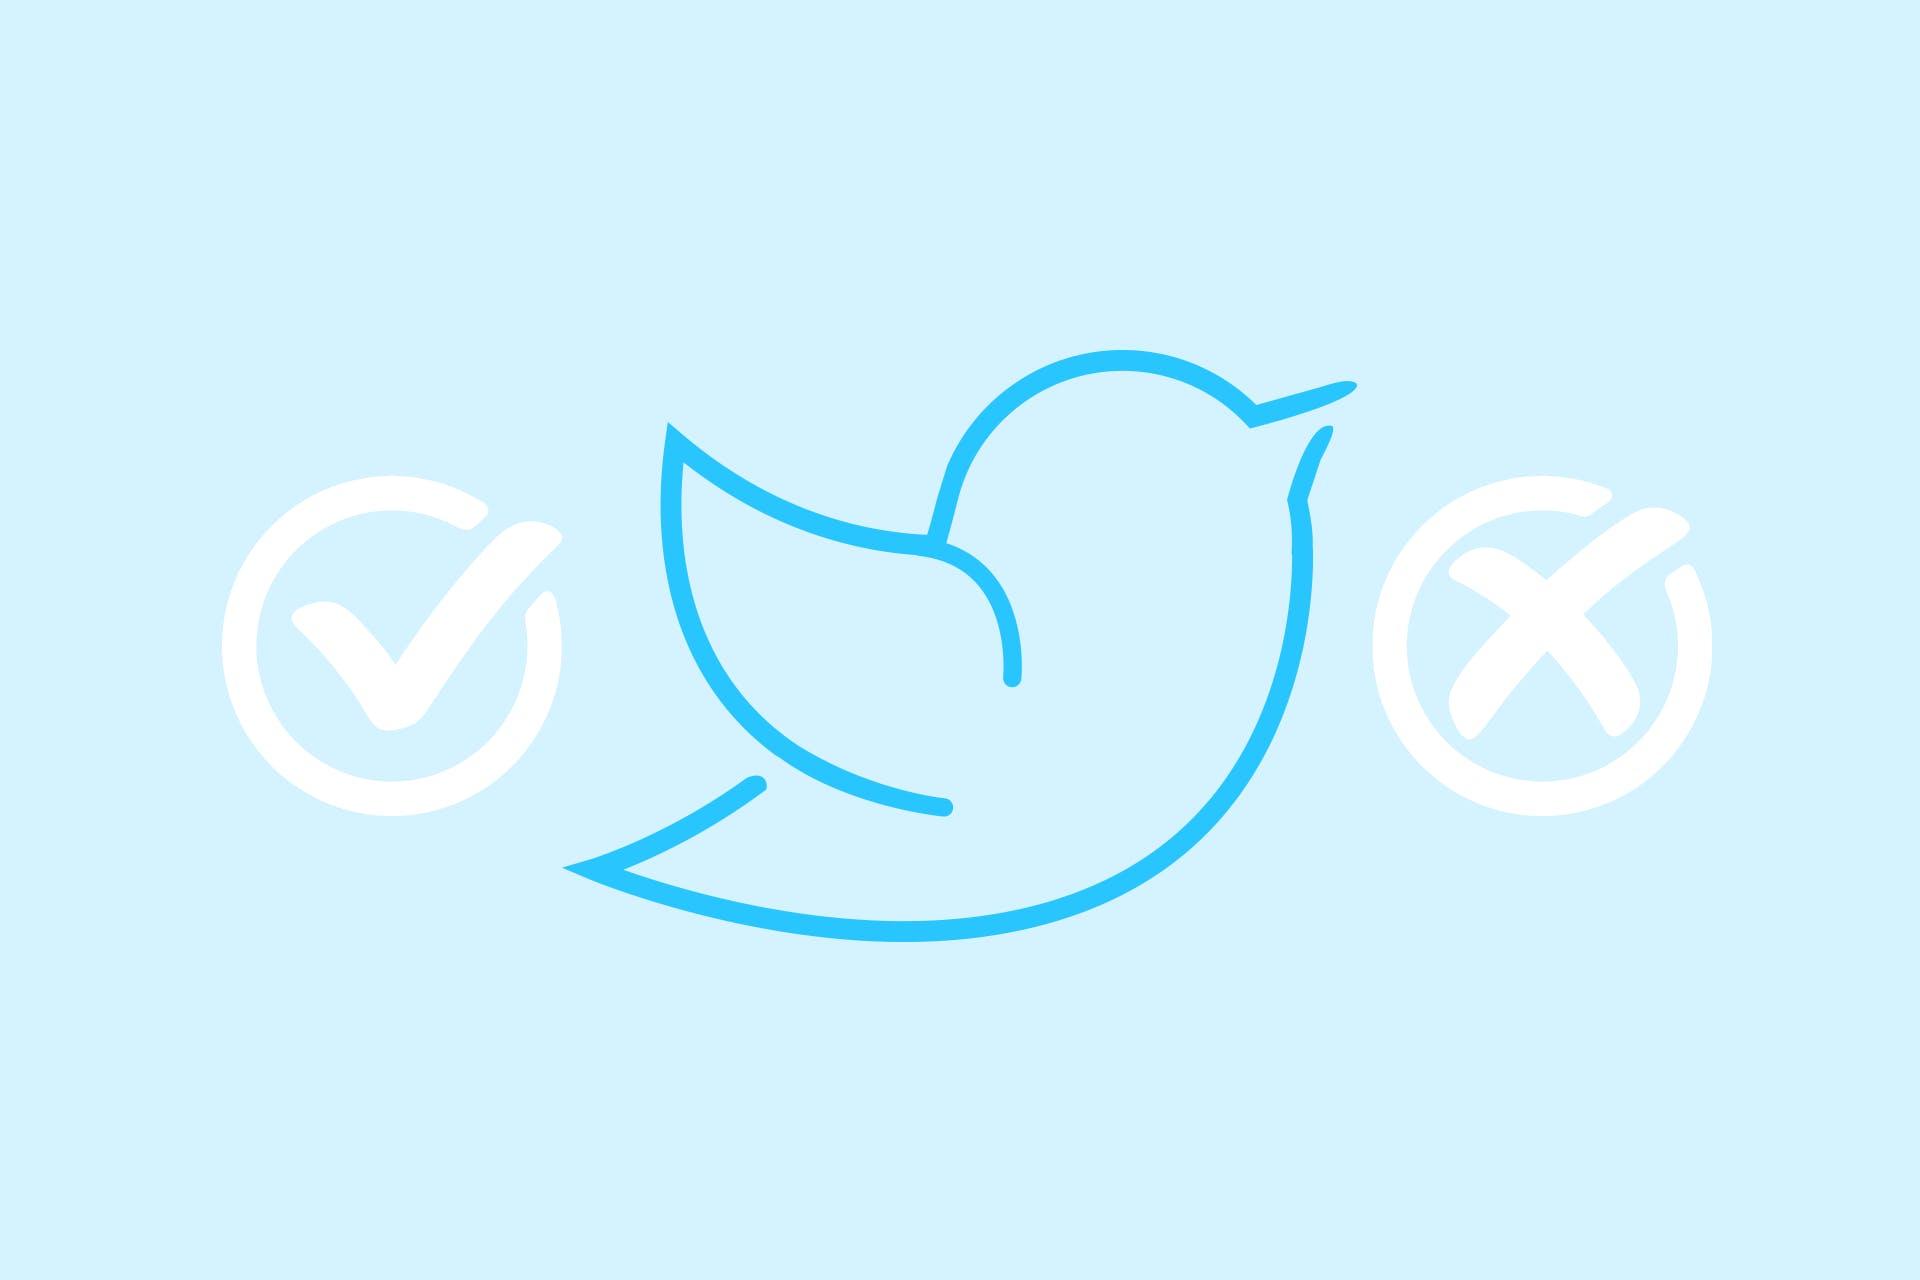 Mitkä ovat tyypillisimmät twitter-mokat